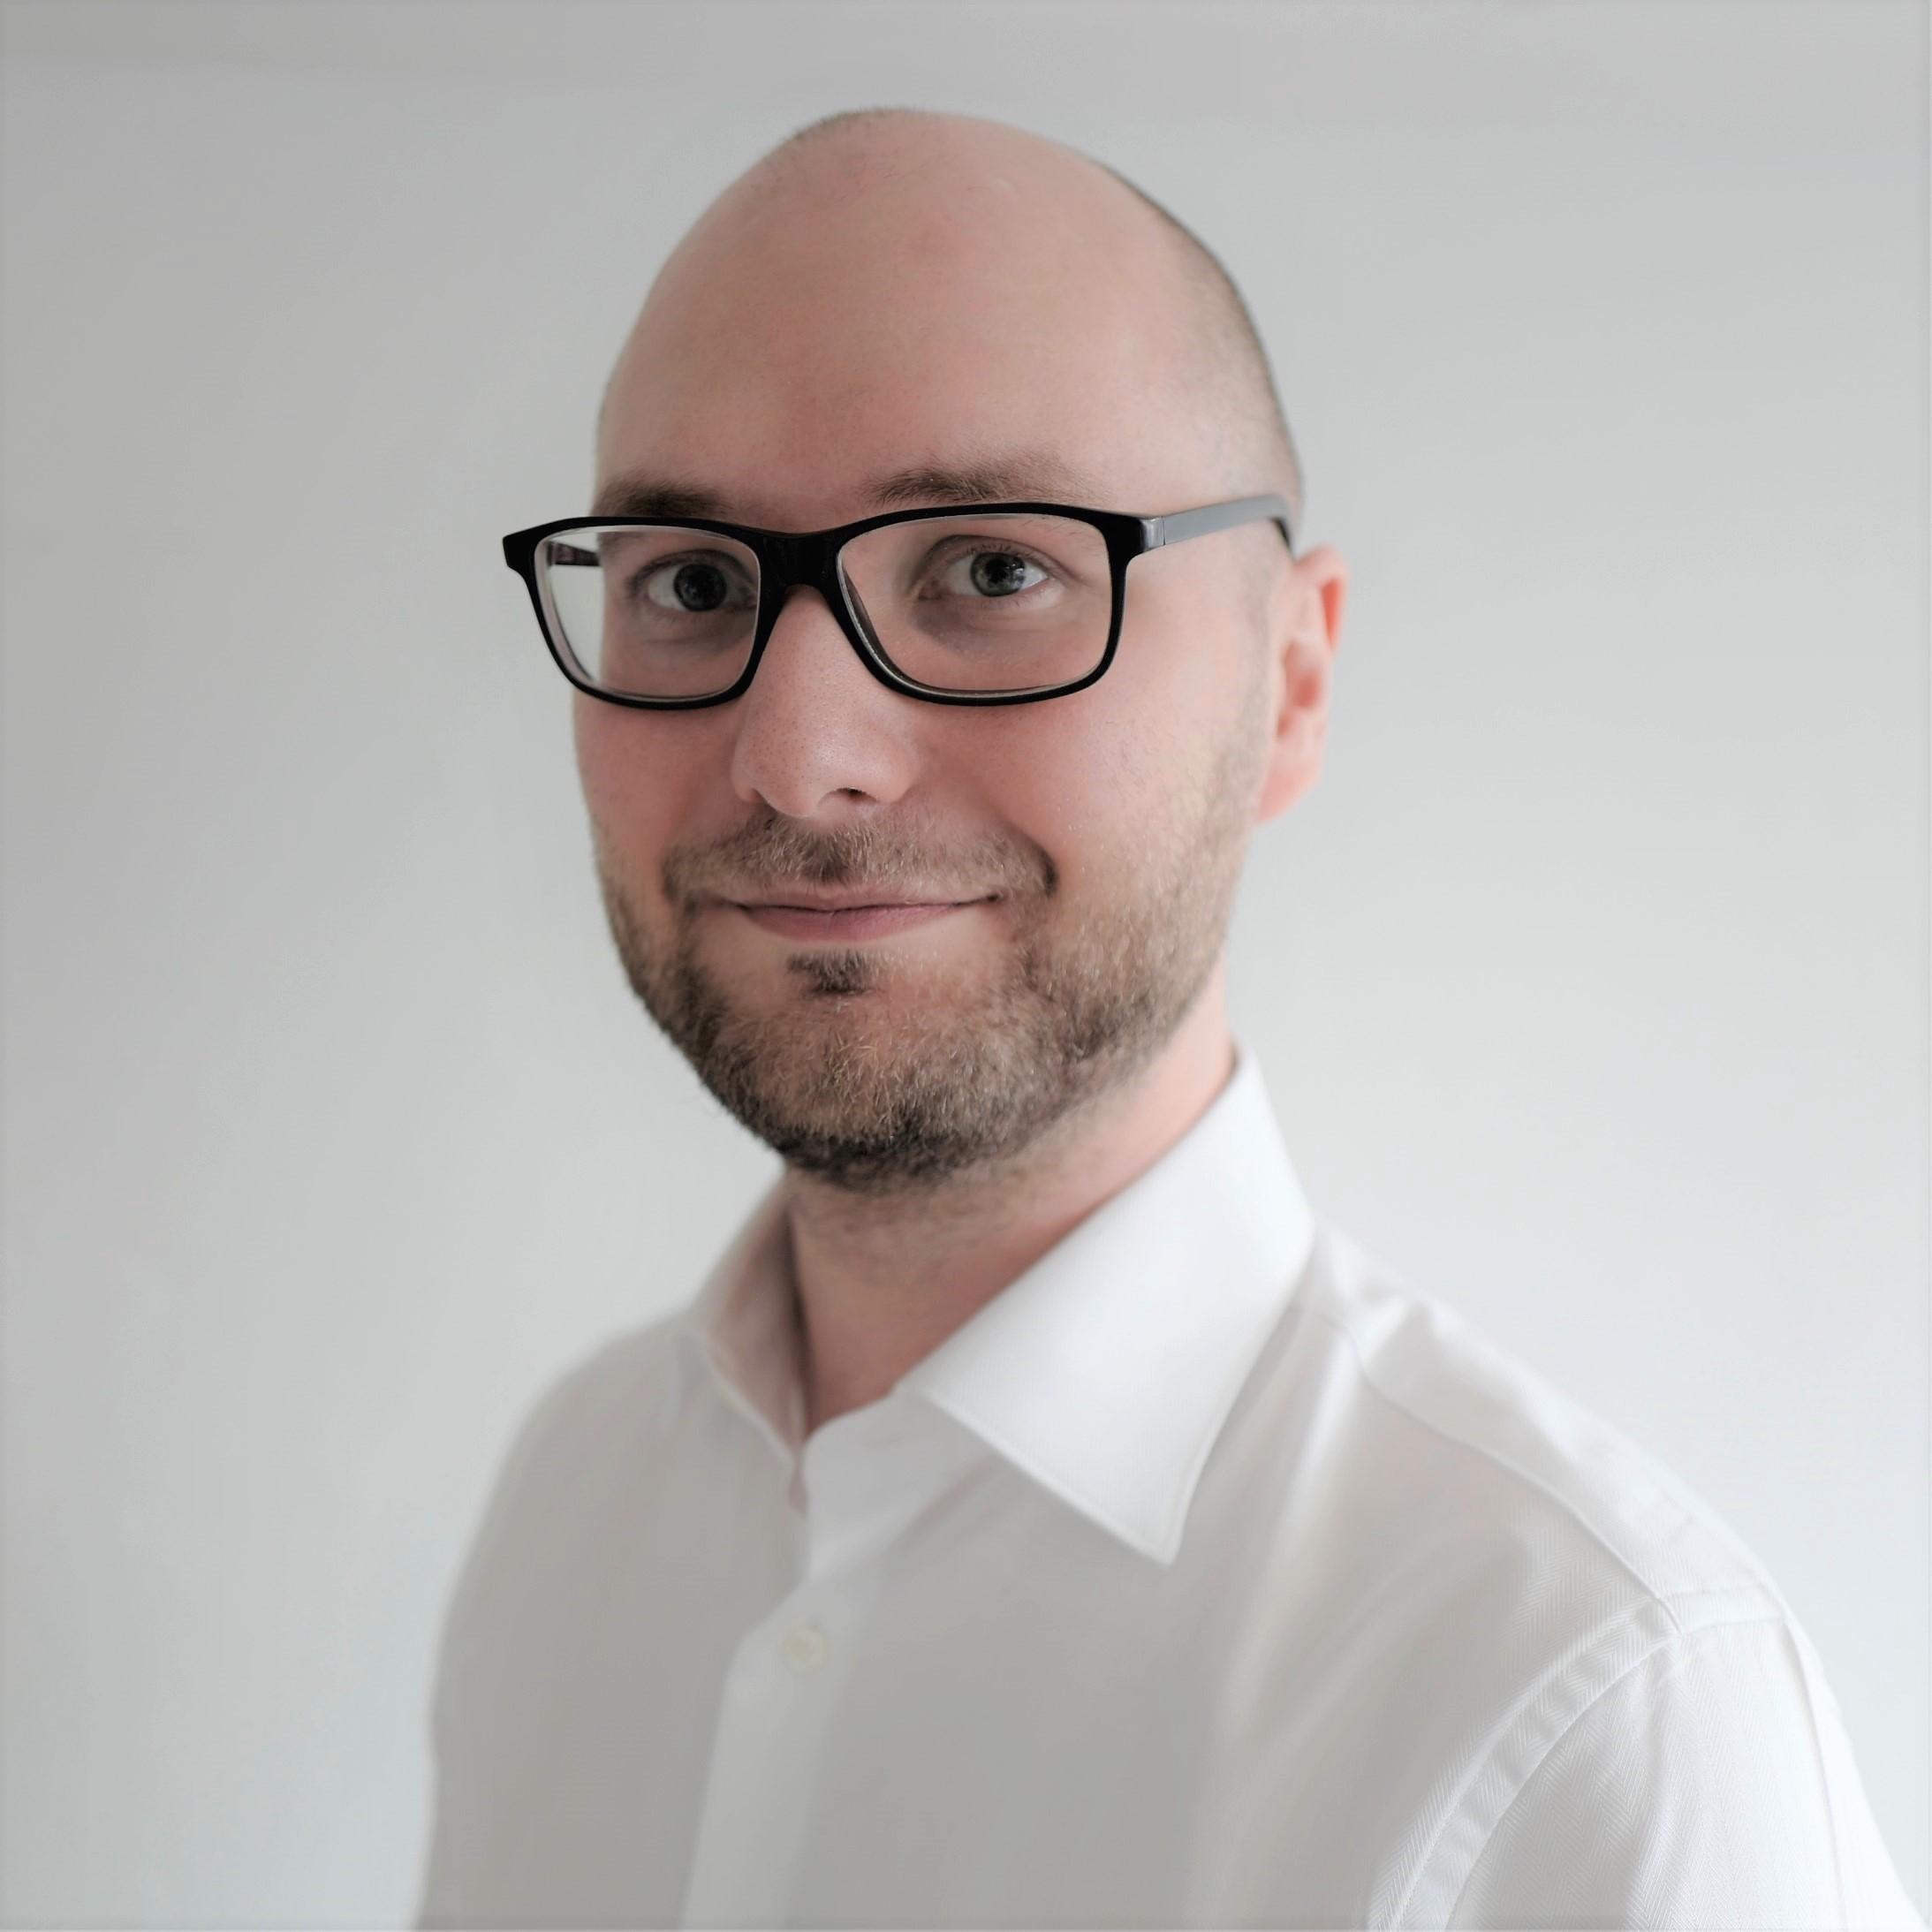 Karl Ots profile picture